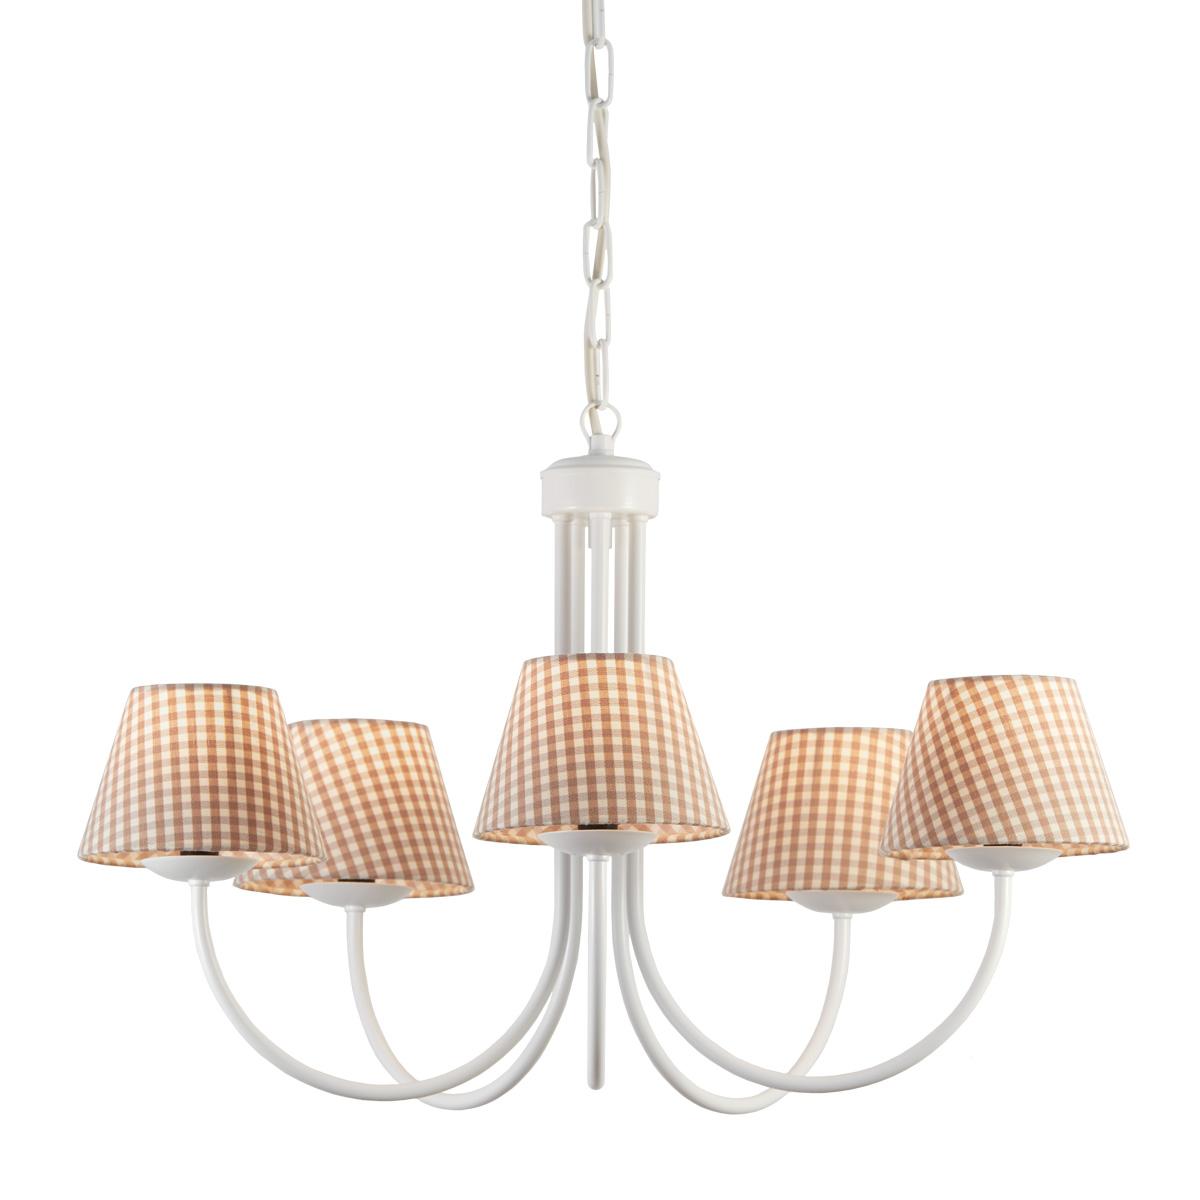 Φωτιστικό λευκή πατίνα με καφέ καρό καπέλα BIANCO-2 white patinated chandelier with brown plaided shades